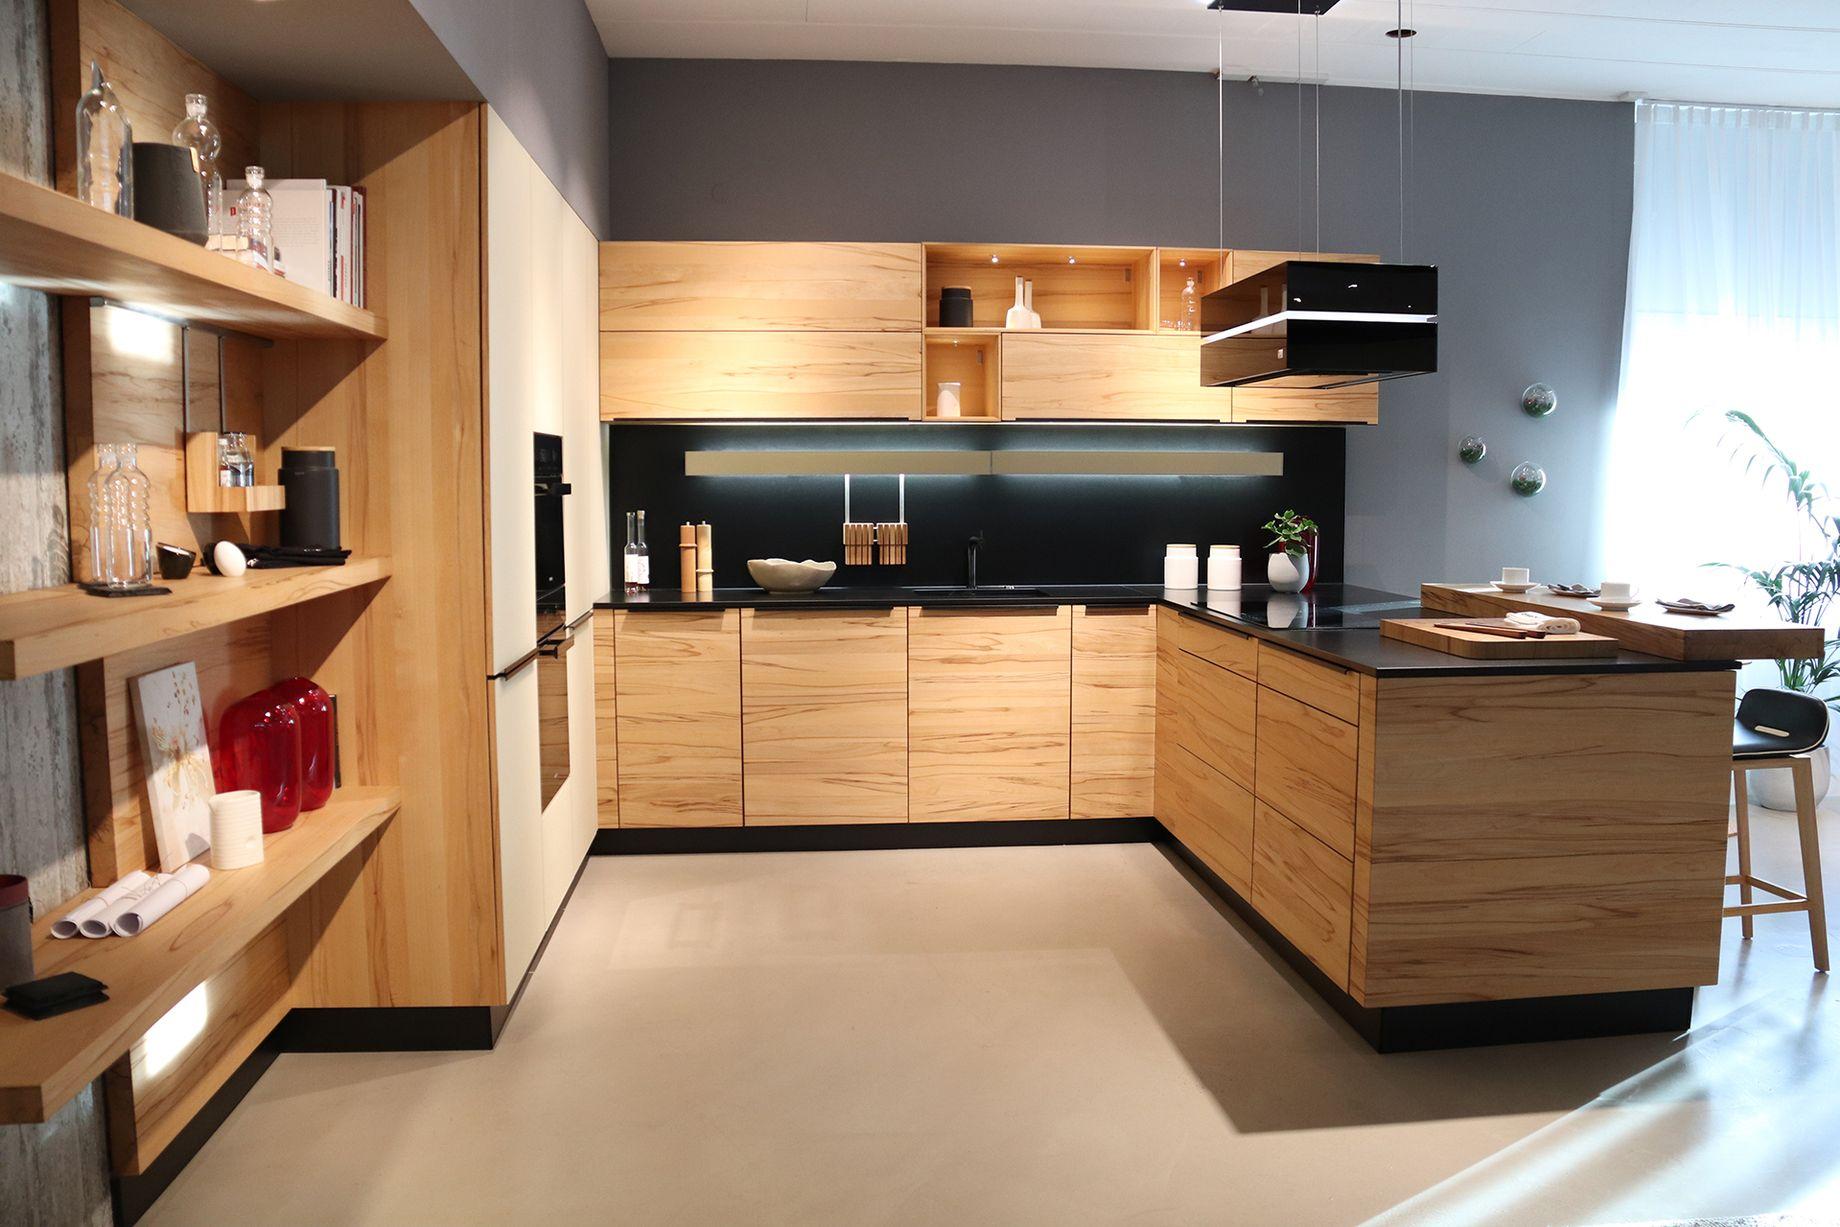 Abverkauf stark reduzierter TEAM 15 Küchen  TEAM 15 Store Küche Wien